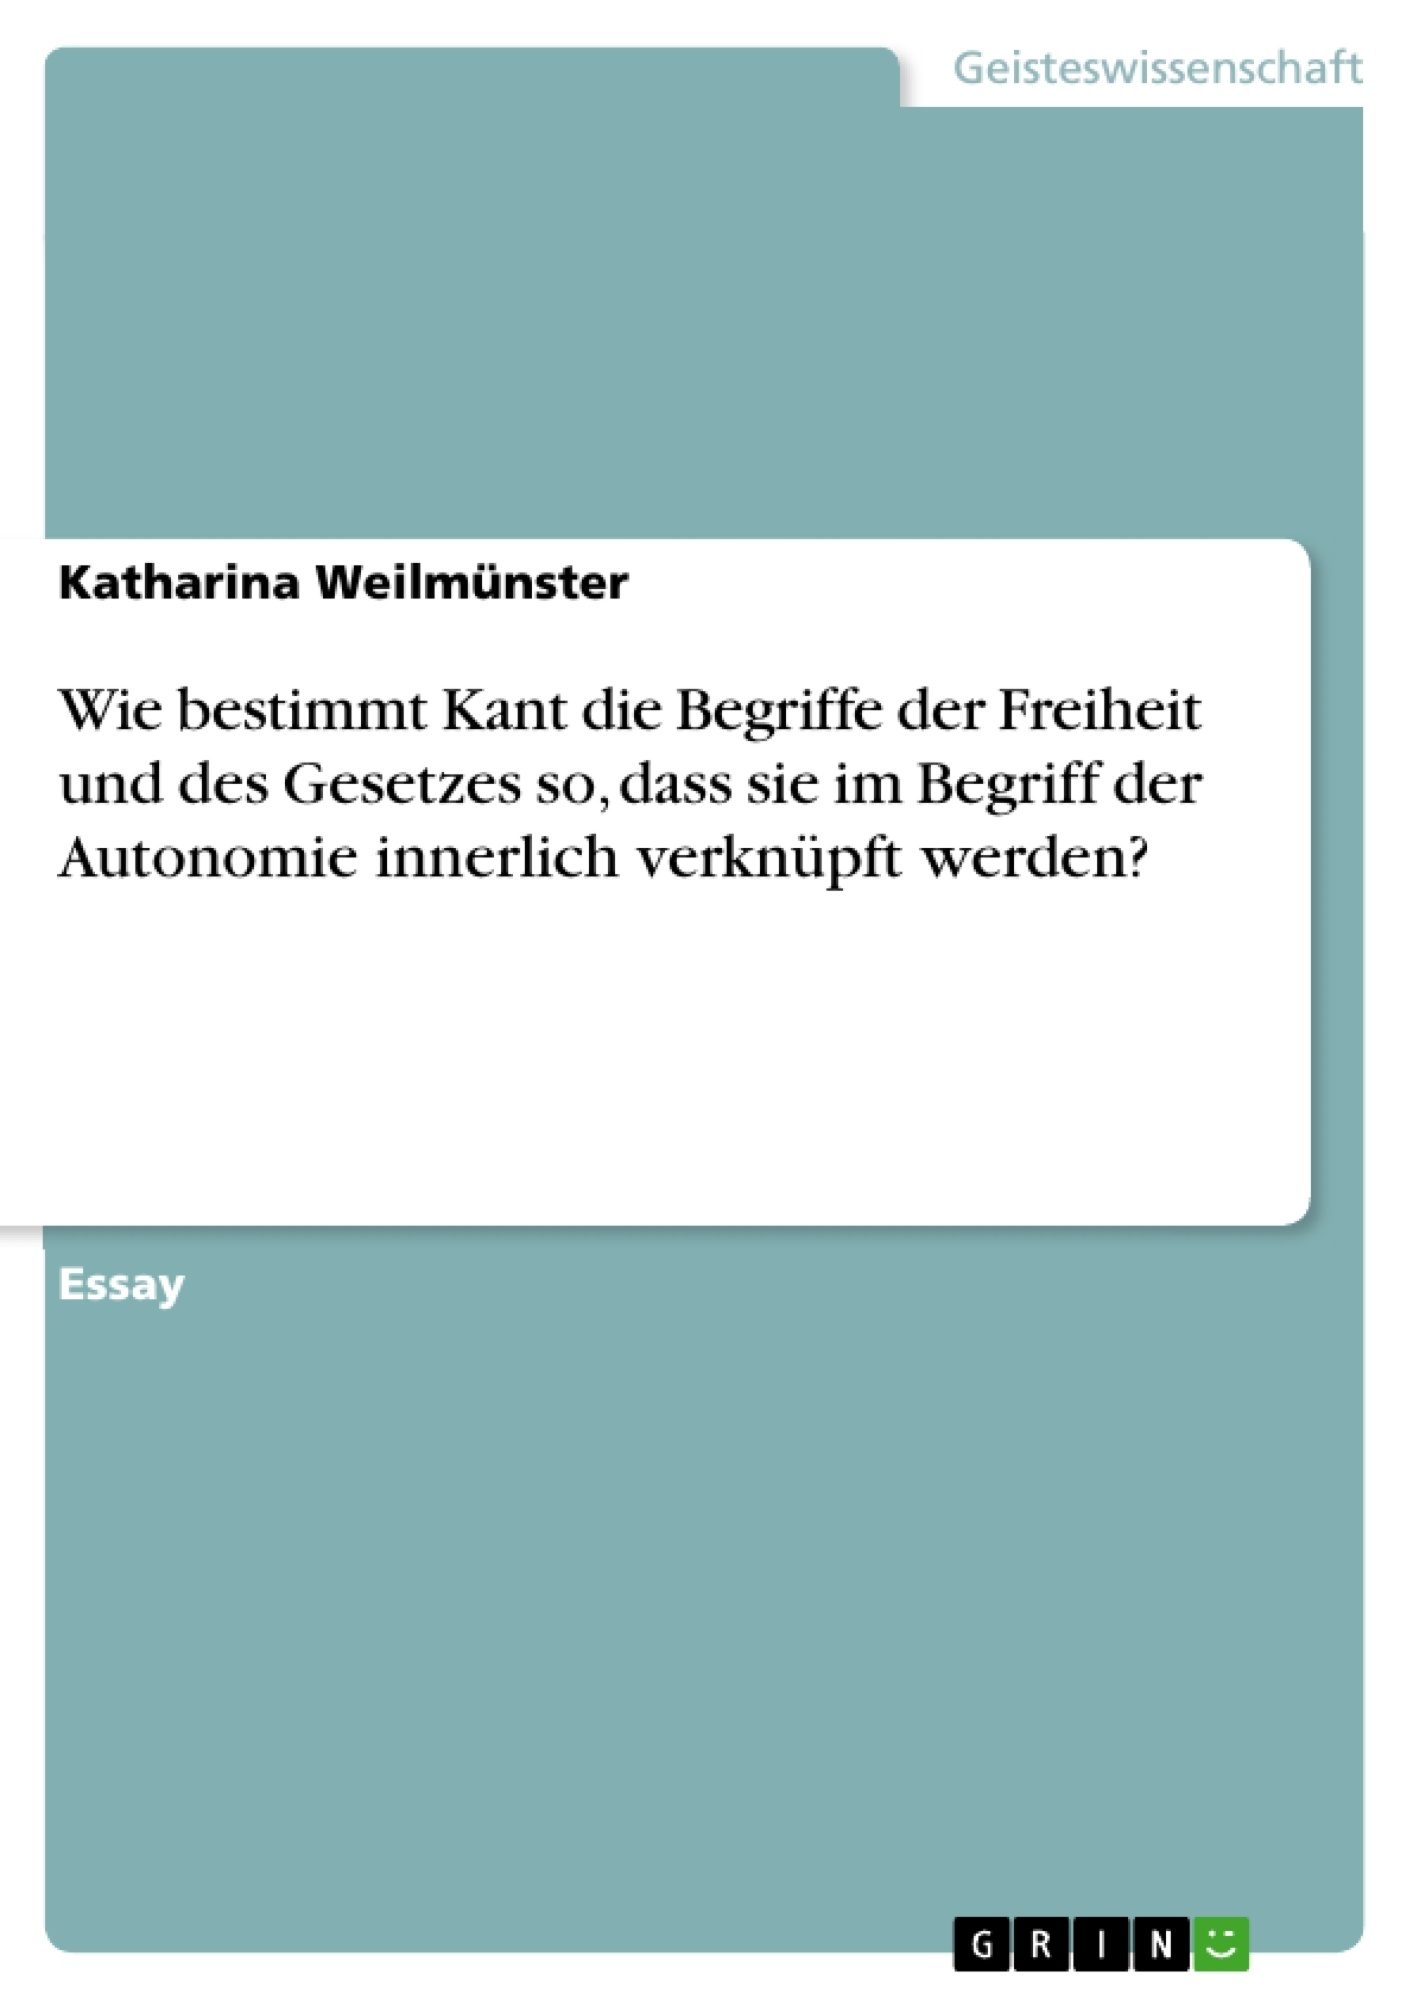 Titel: Wie bestimmt Kant die Begriffe der Freiheit  und des Gesetzes so, dass sie im Begriff der Autonomie innerlich verknüpft werden?